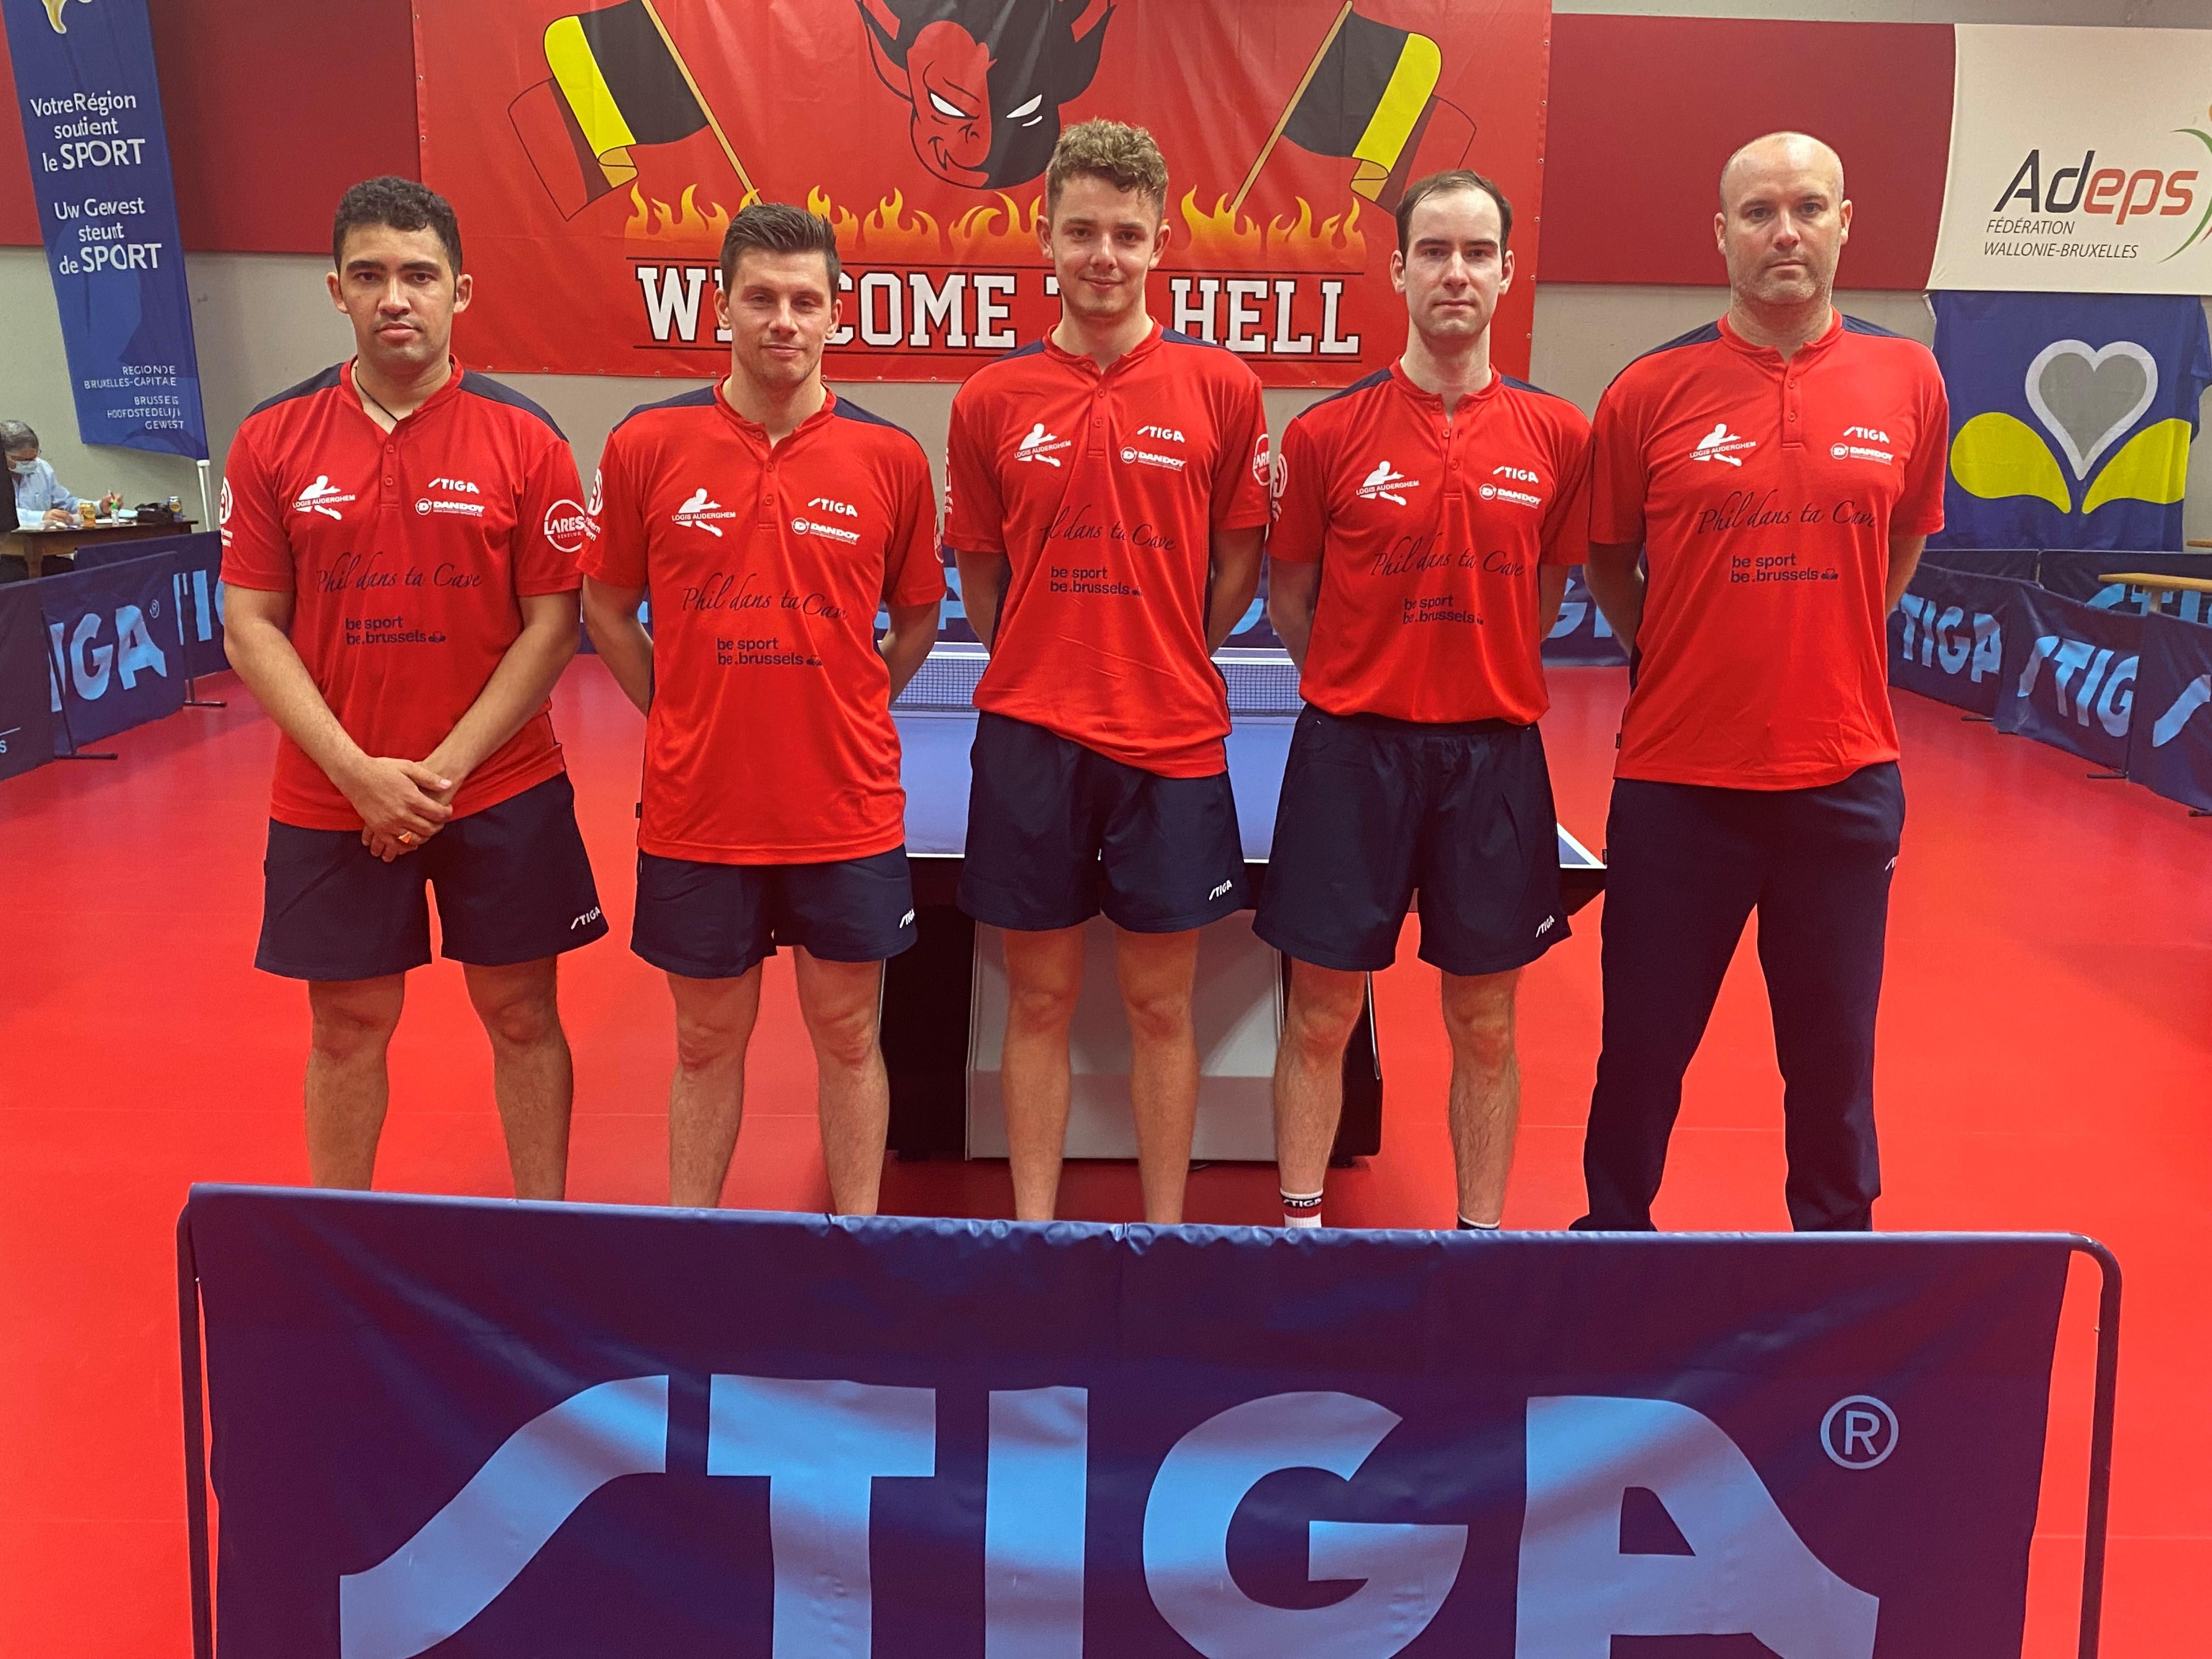 Equipe de superdivision 2021-2022 (Stiga)